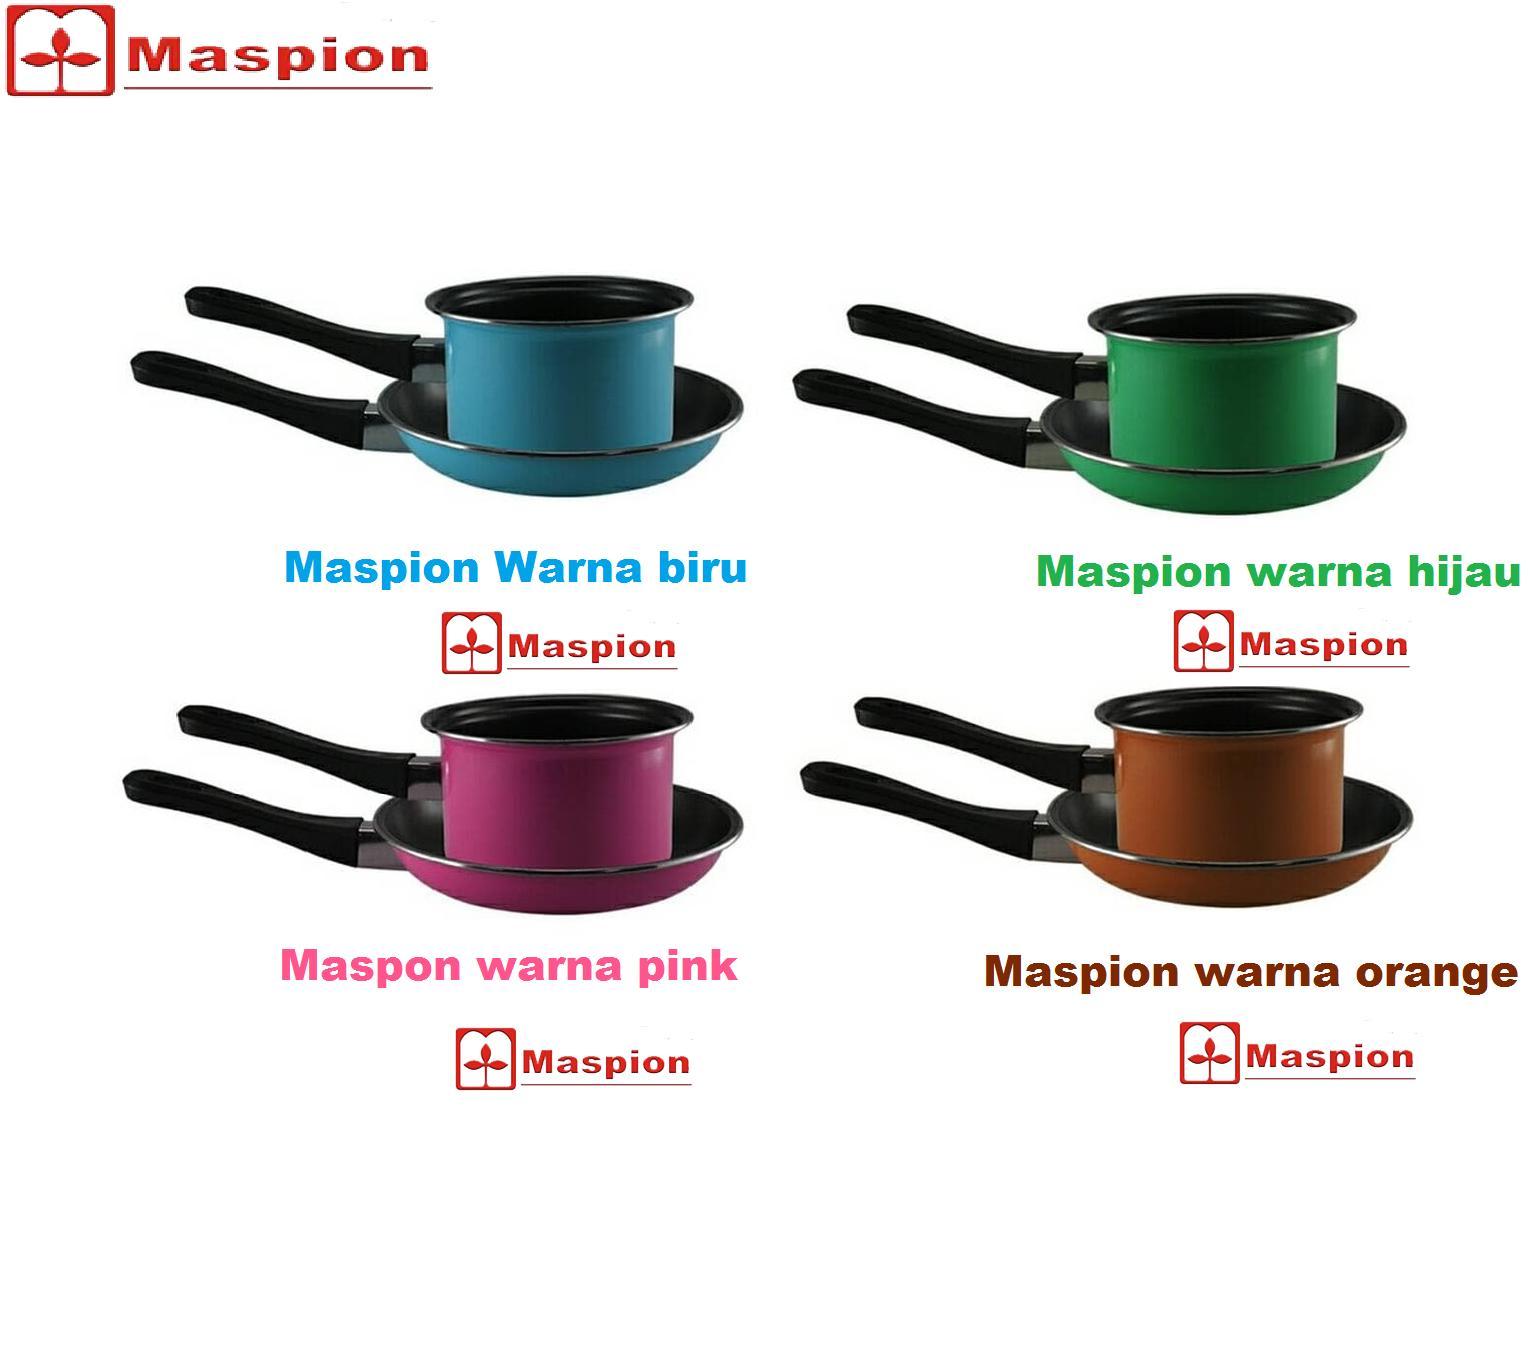 Maspion Teflon Frypan DAN Fancy (WARNA) PAN Set 2pcs frypan 20 cm & milkpan 14 cm - Friypan Anti lengket